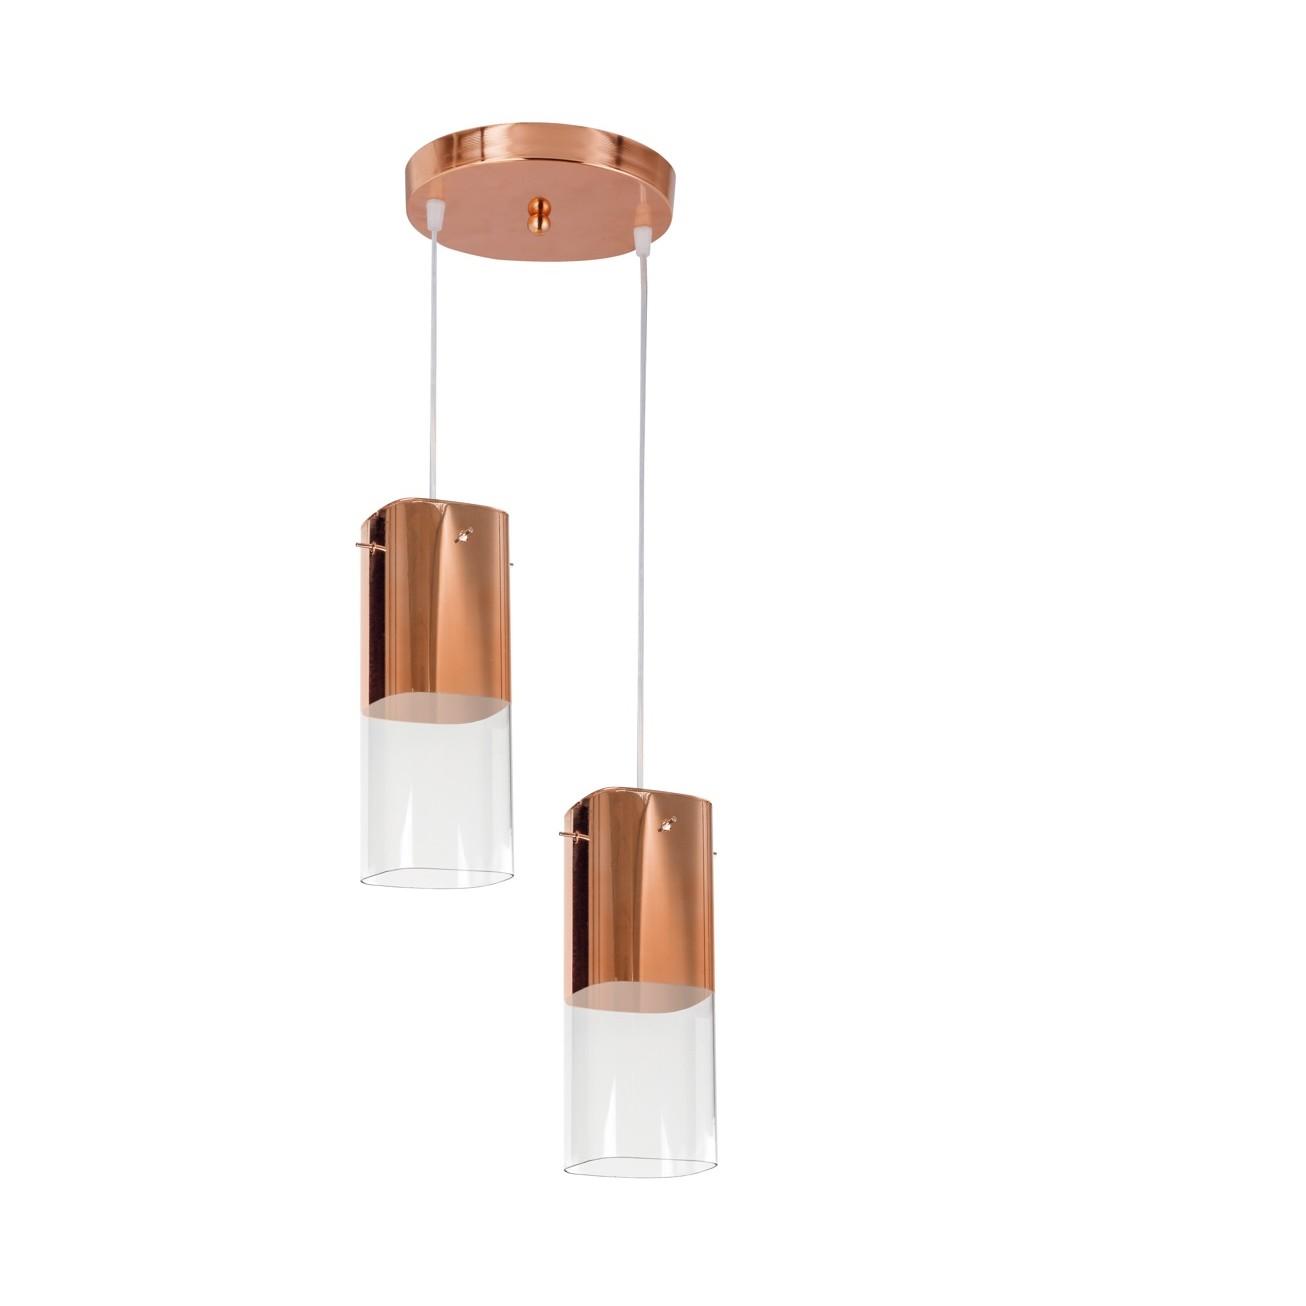 Pendente Aco e Vidro 2 Lampadas Cobre - Bronzearte